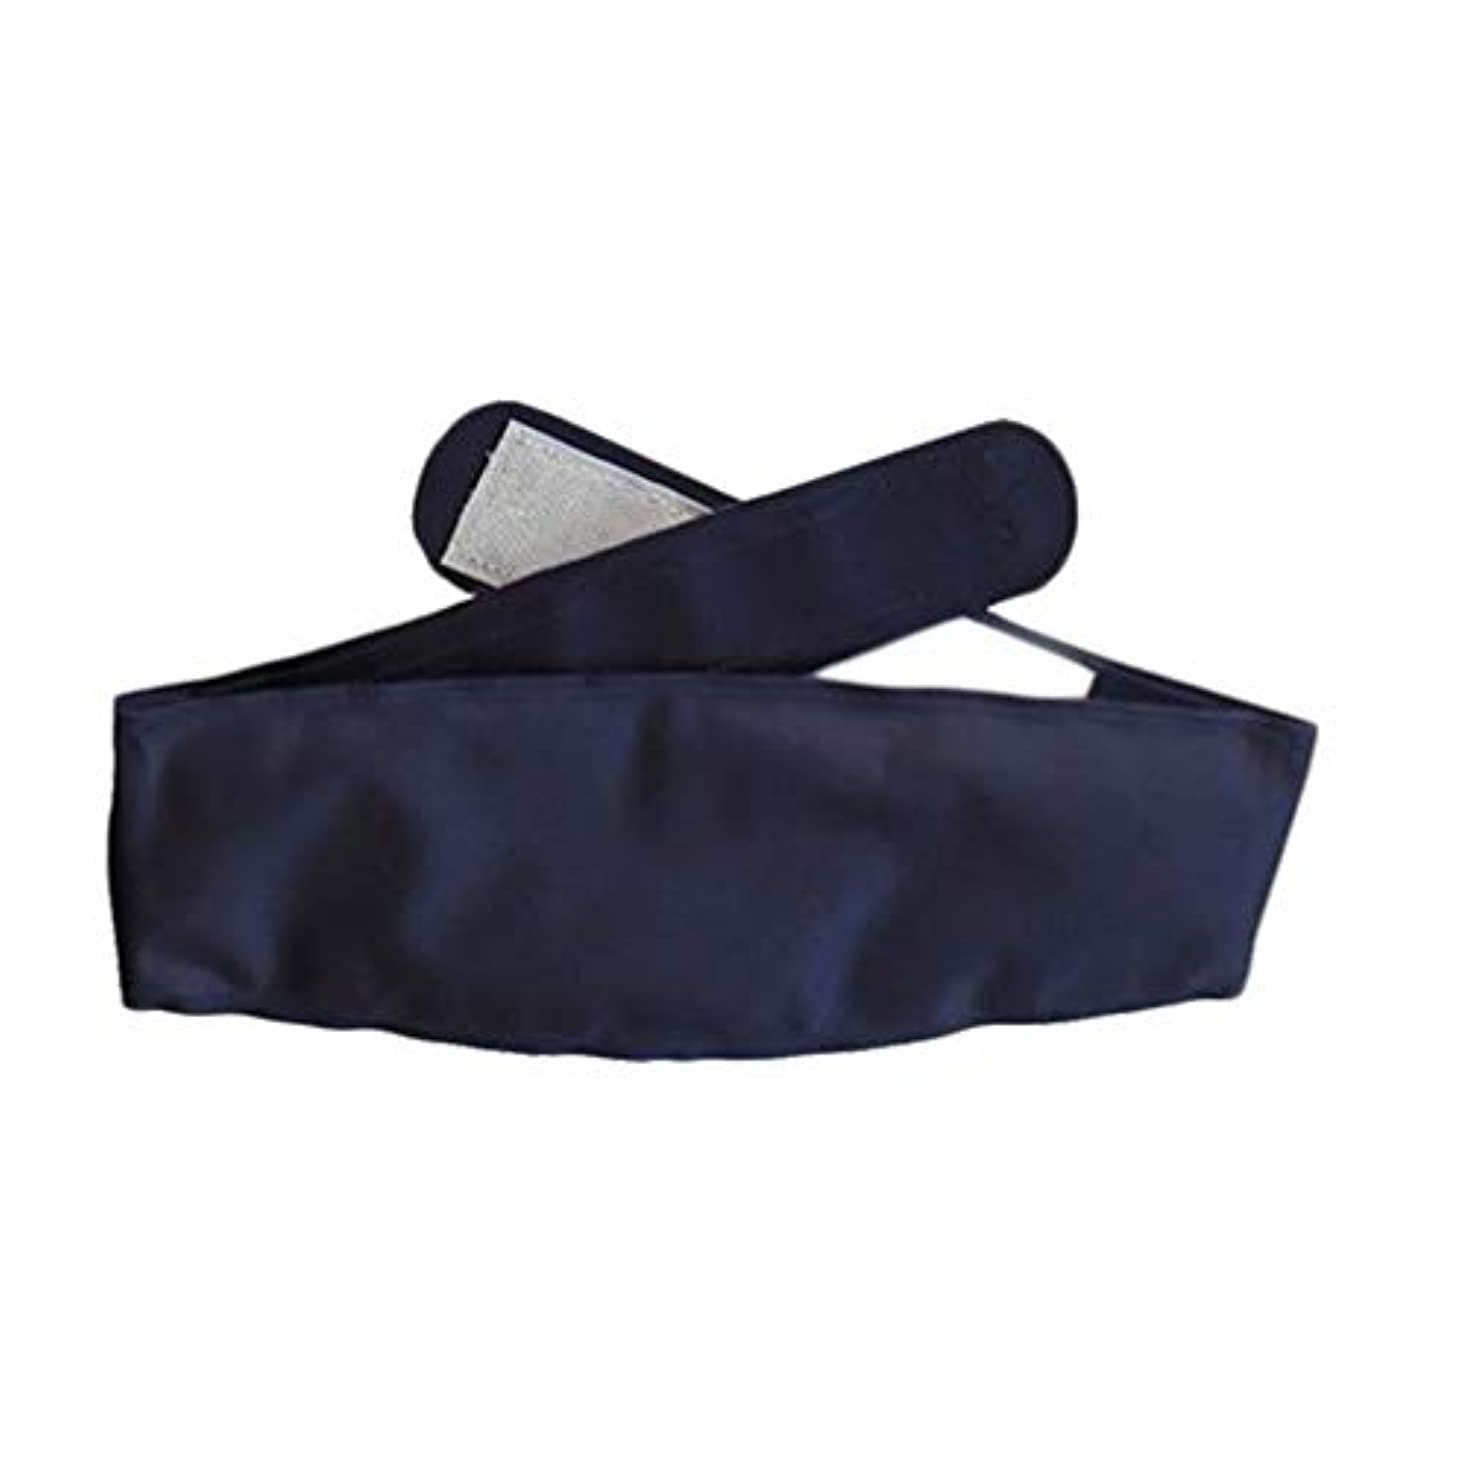 フォーカス結晶ウサギSUPVOX ウェアラブルアイスパック頭痛アイスバッグラップショルダーバック膝の痛みを軽減